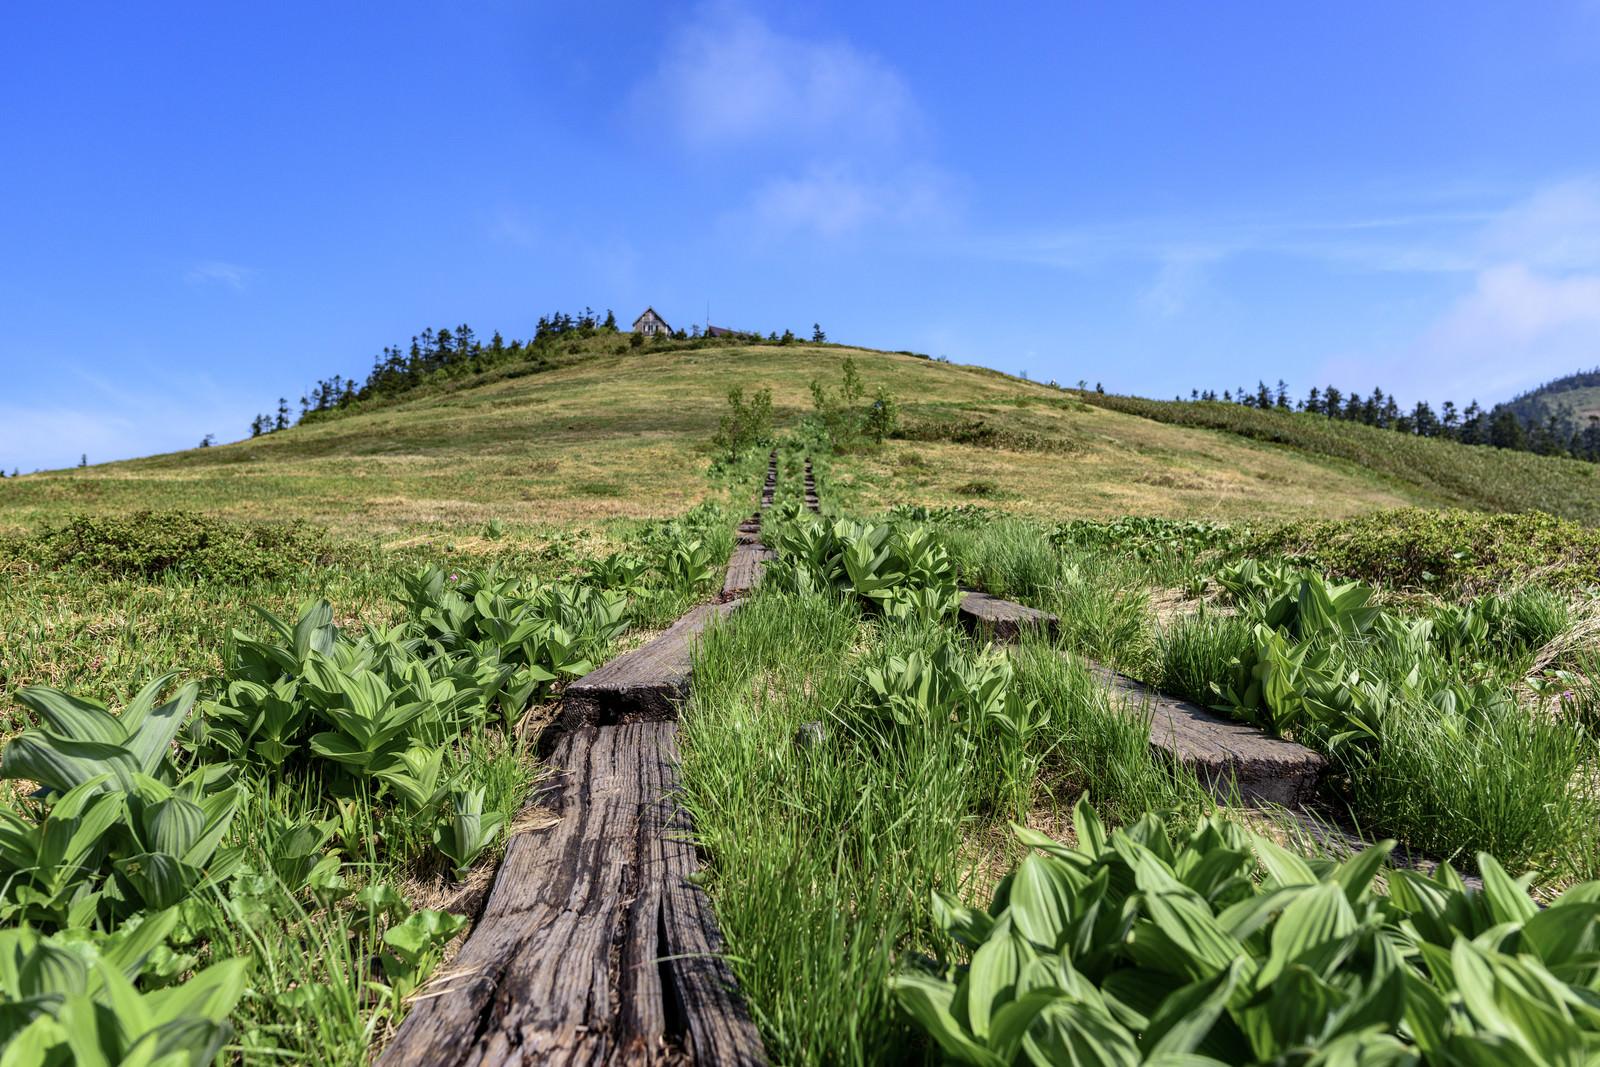 「高層湿原広がる会津駒ヶ岳の木道」の写真